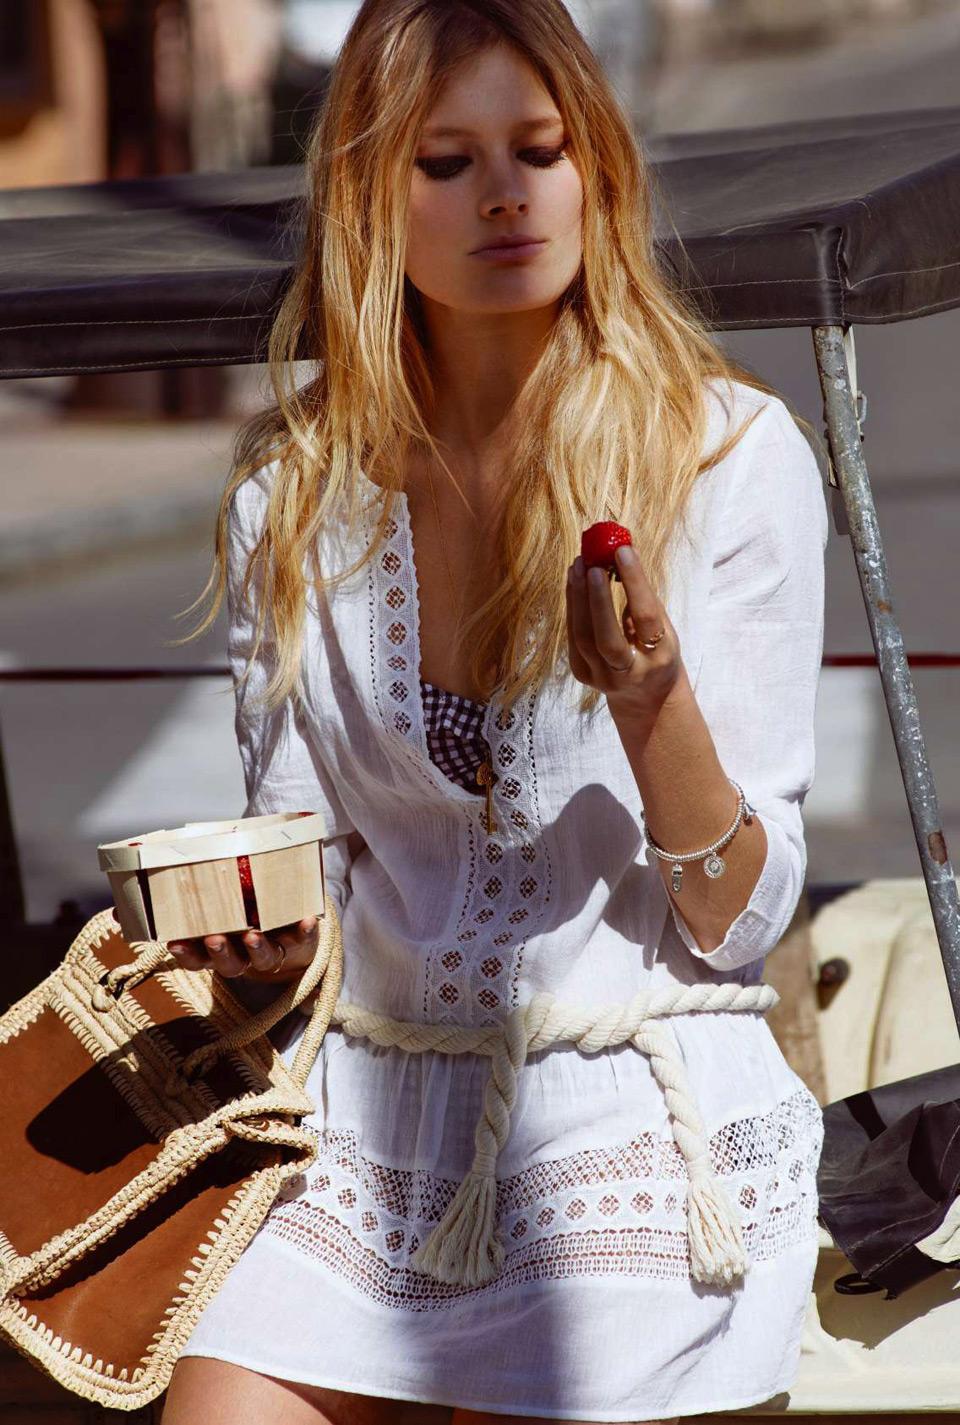 Konstans-Yablonski-vo-francuzskom-Elle-19-foto